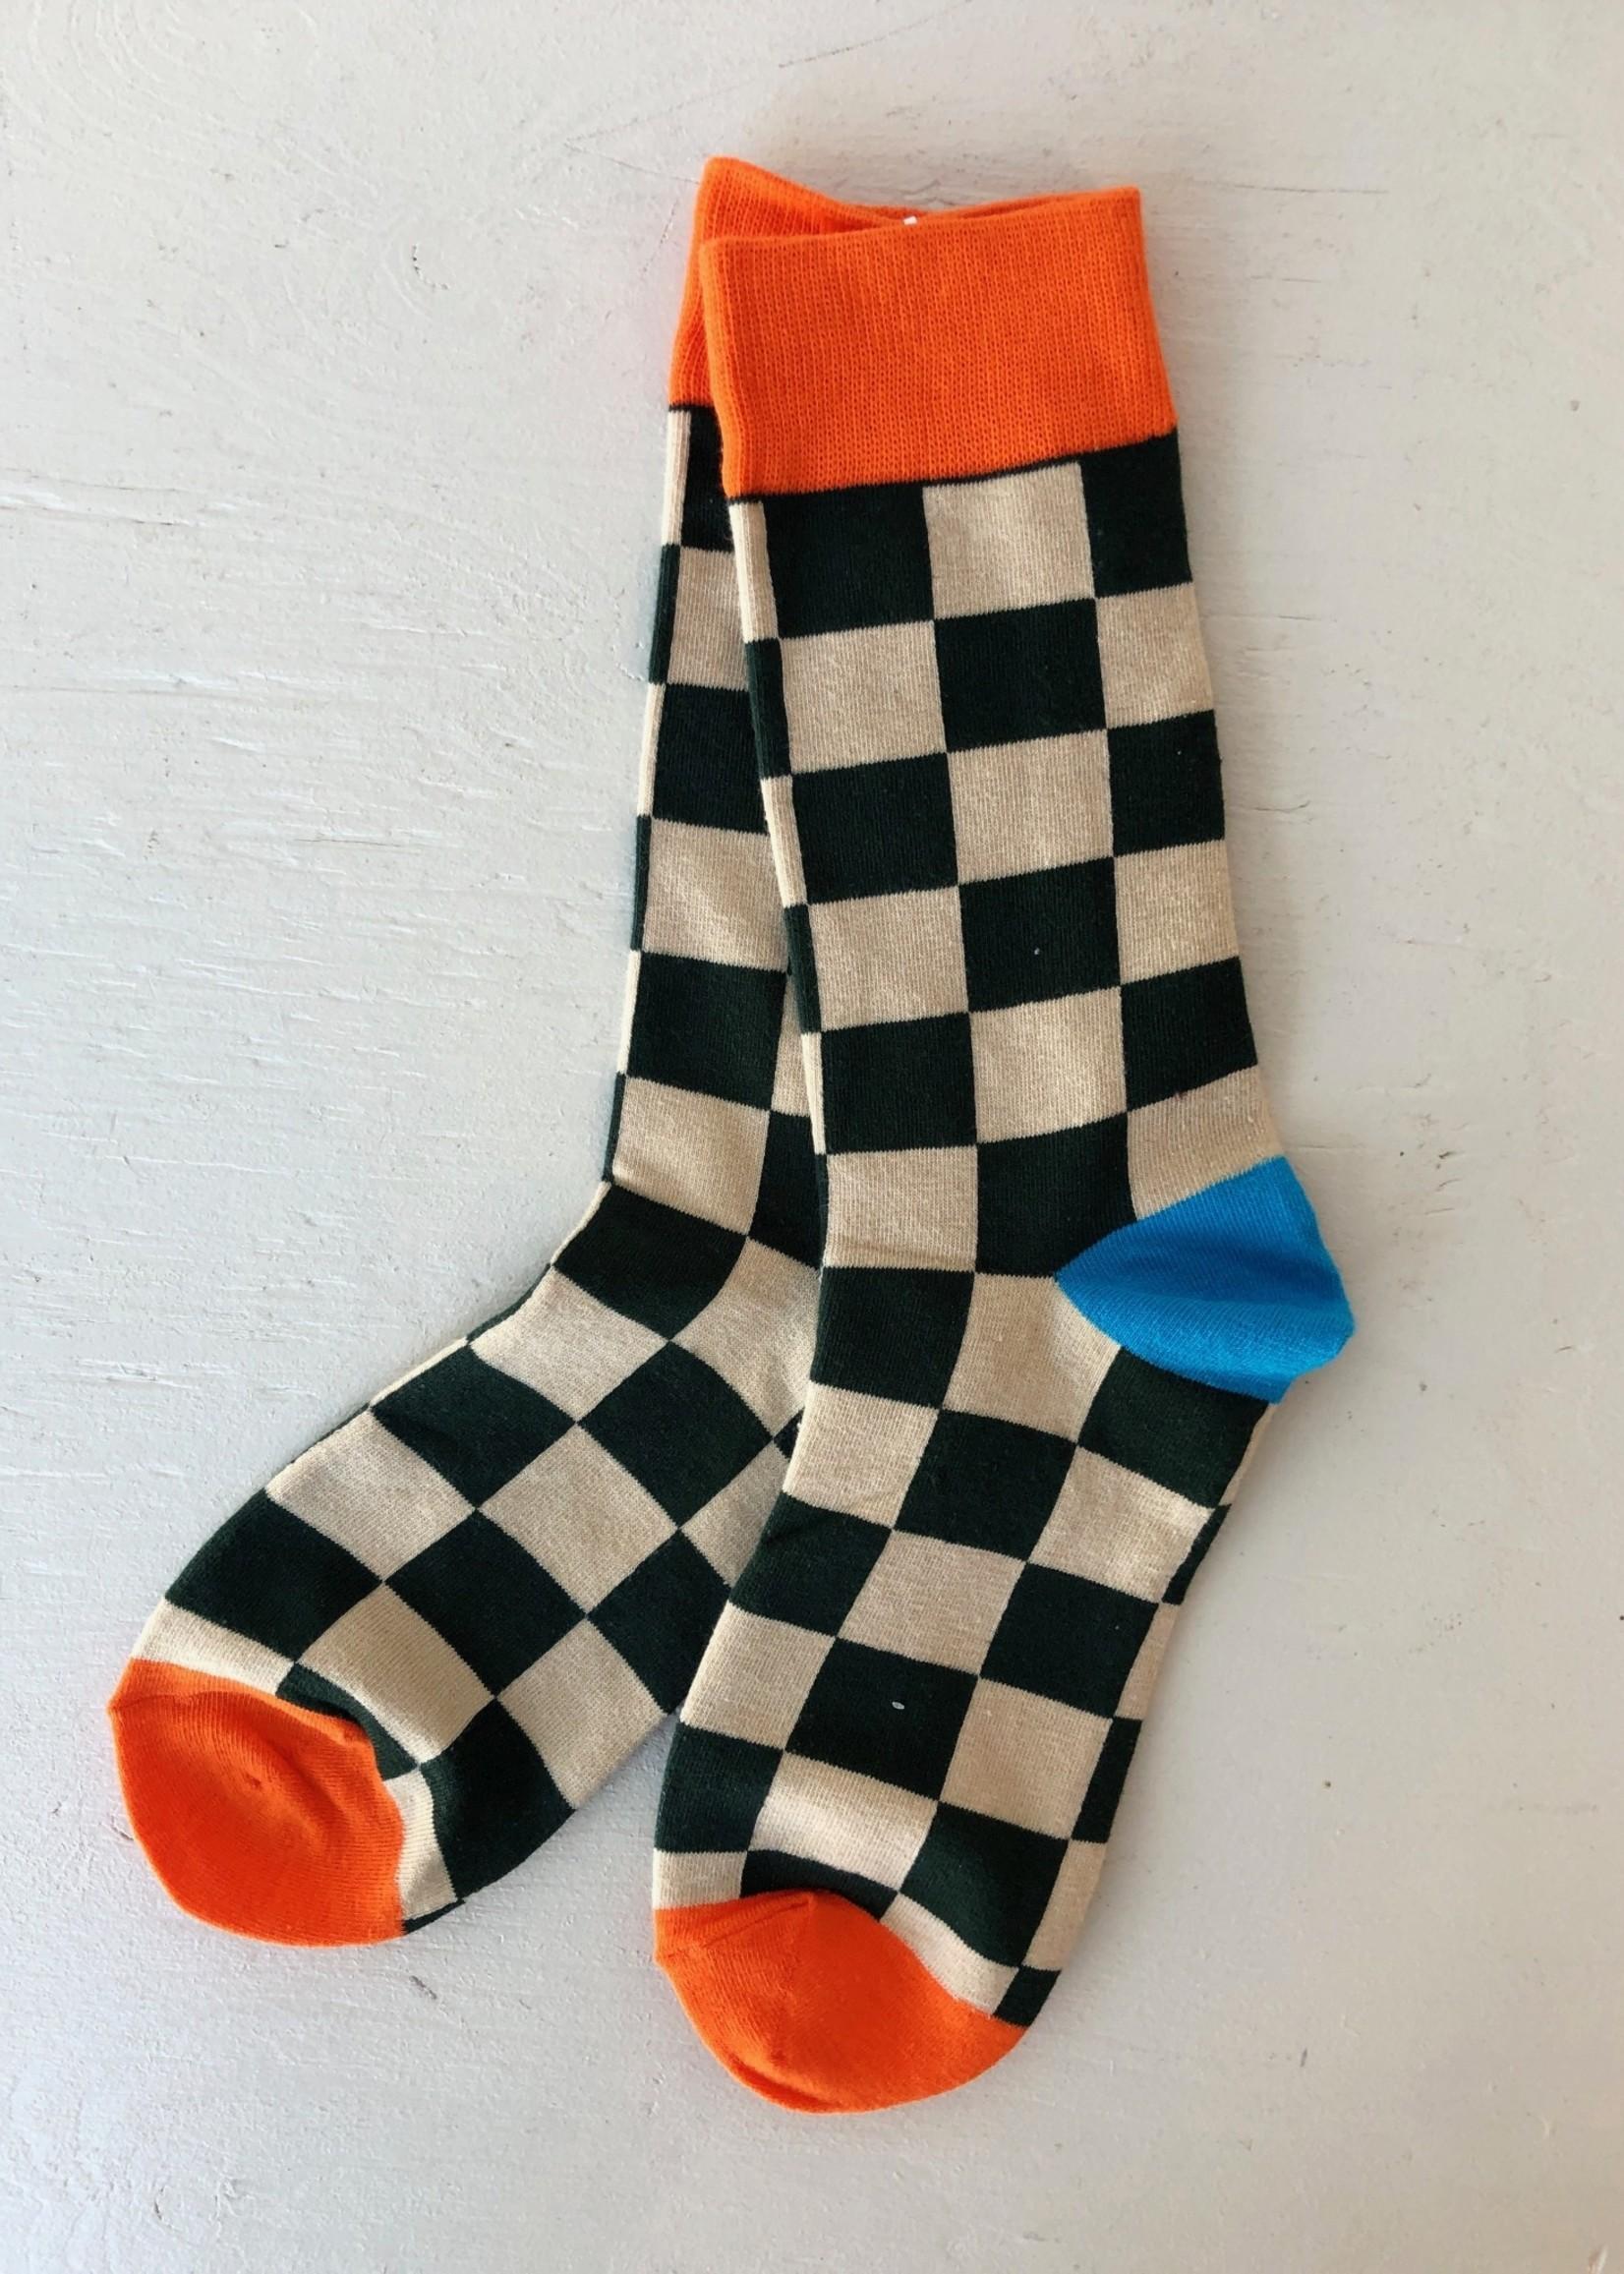 Annex Vintage Checkerboard Socks by Annex Vintage